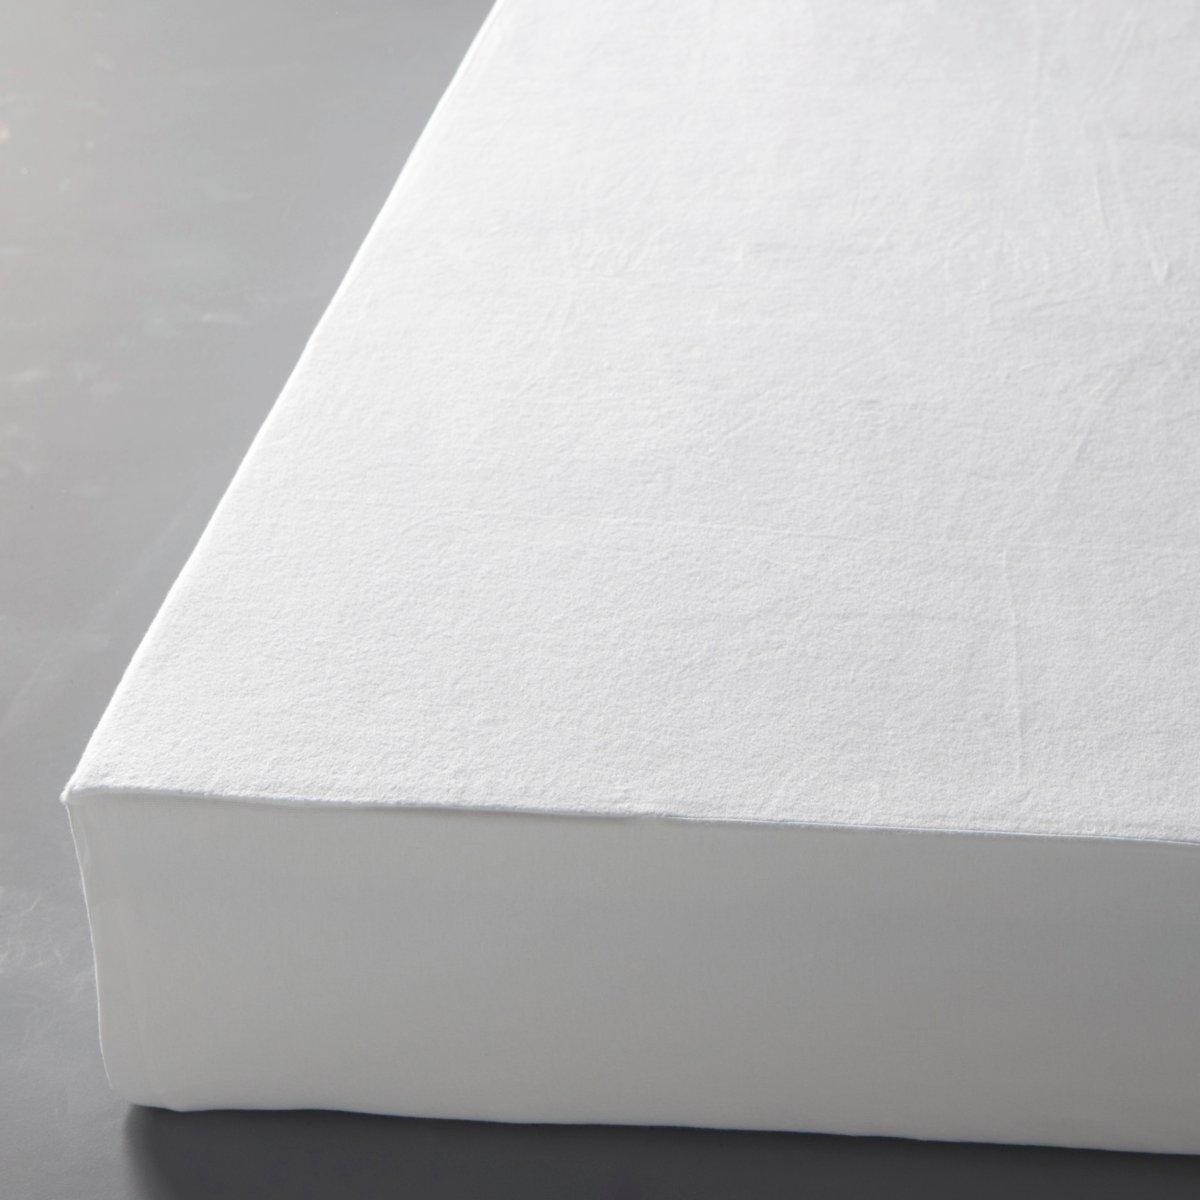 Чехол La Redoute Защитный для матраса 60 x 120 см белый защитный тент чехол avtotink автомобильный размер l 480 500 x 178 x 120 см